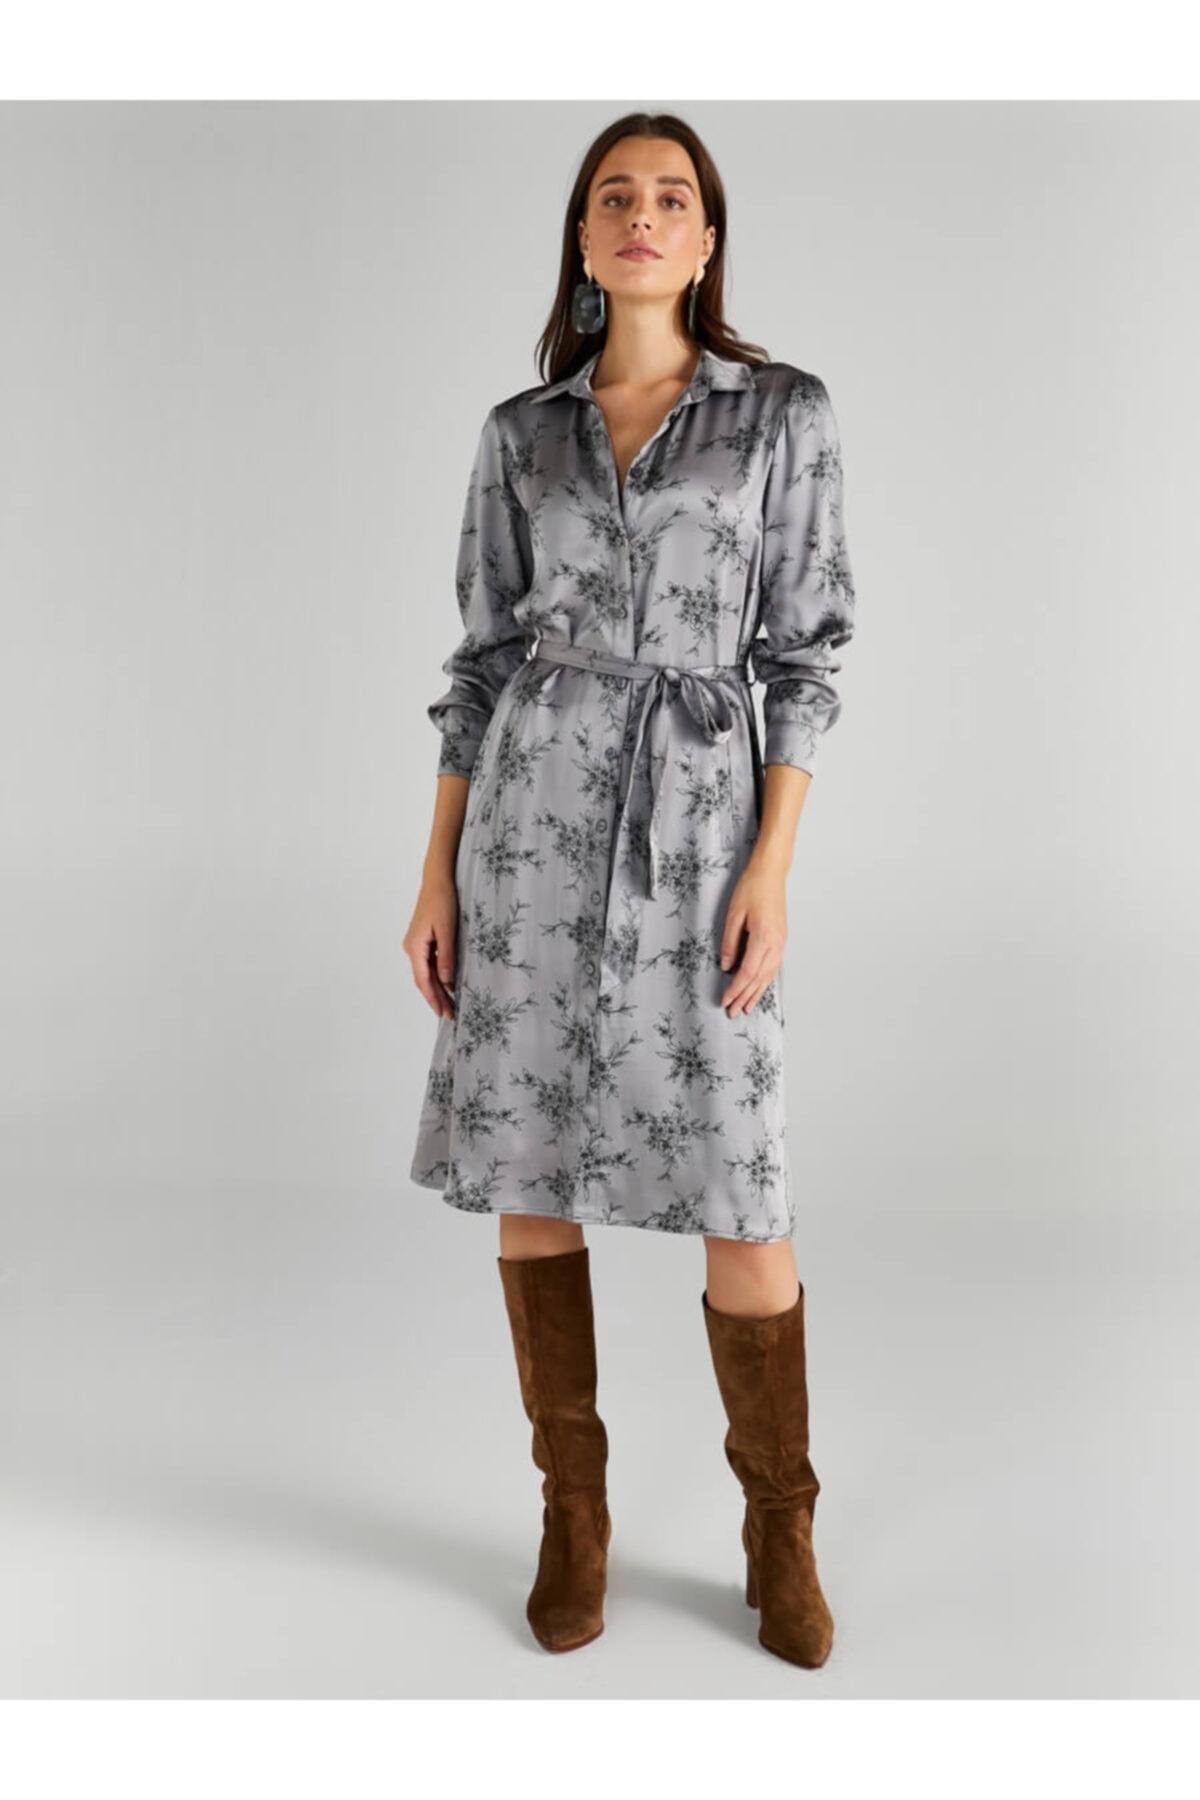 Faik Sönmez Kadın Gri Çiçek Desenli Saten Gömlek Elbise 61235 1